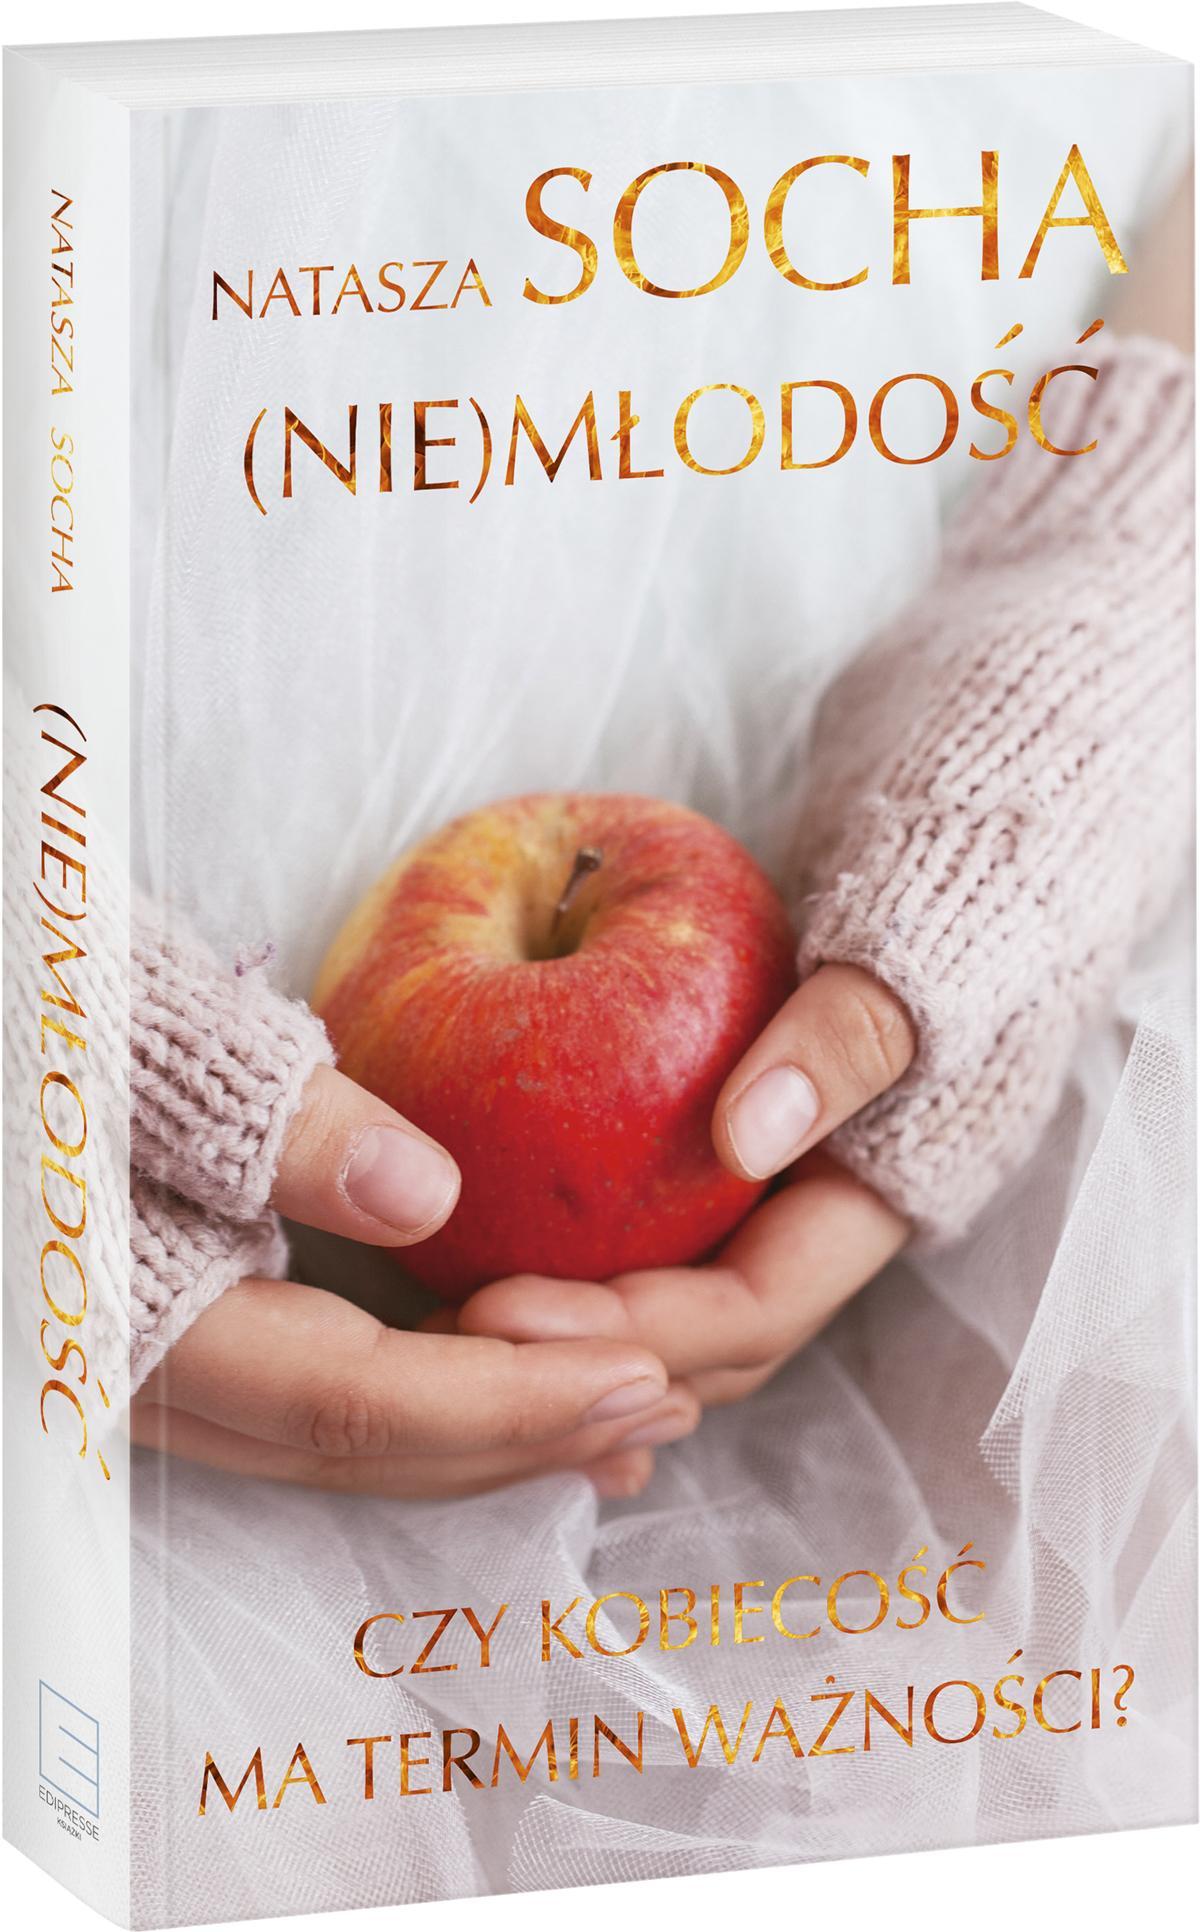 (Nie)młodość Nataszy Sochy - książka na urlop dla lubiących zaskakujące zakończenia